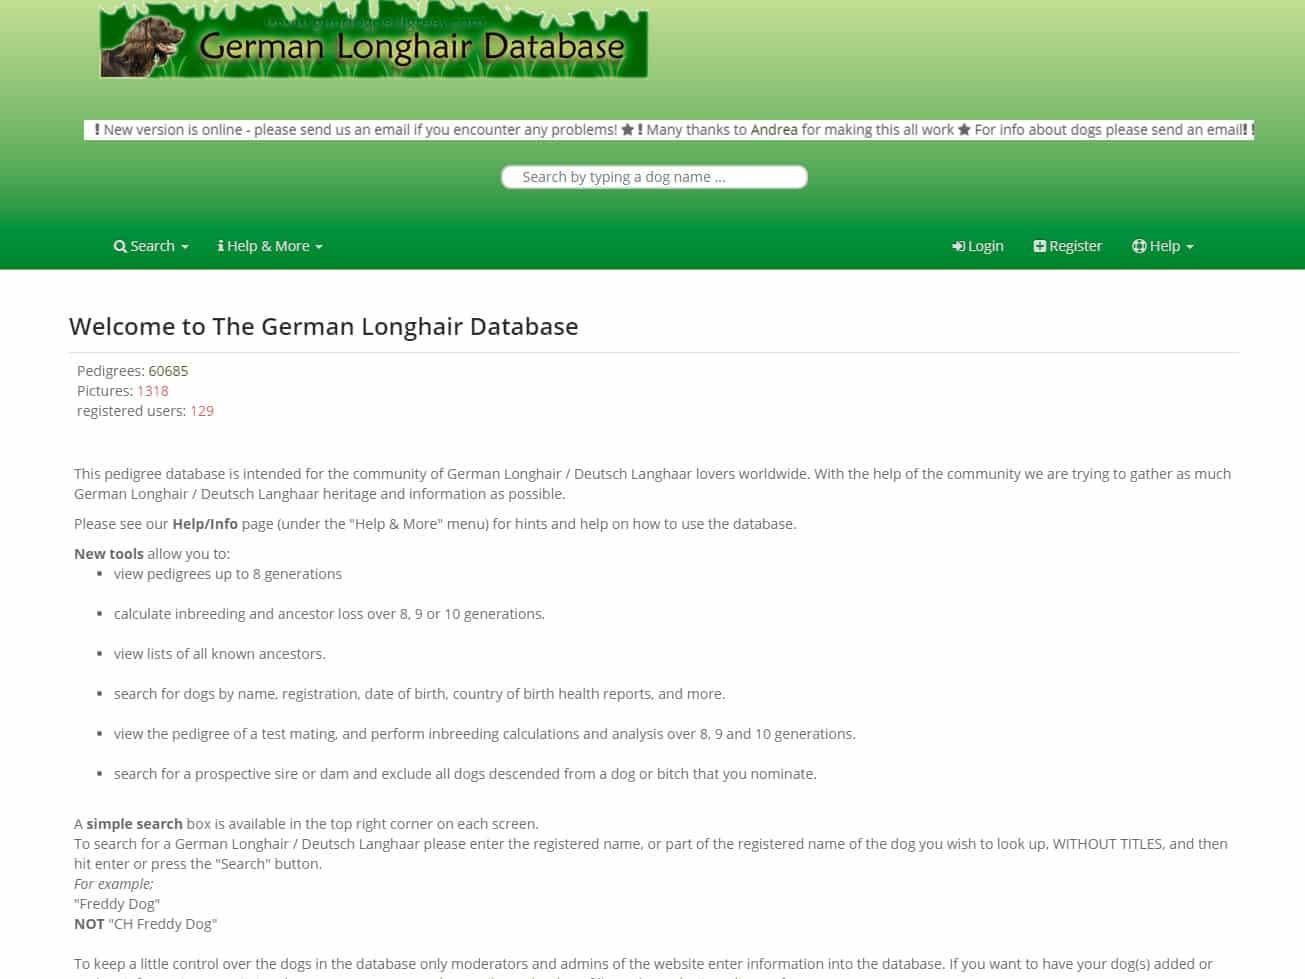 German Longhair Database